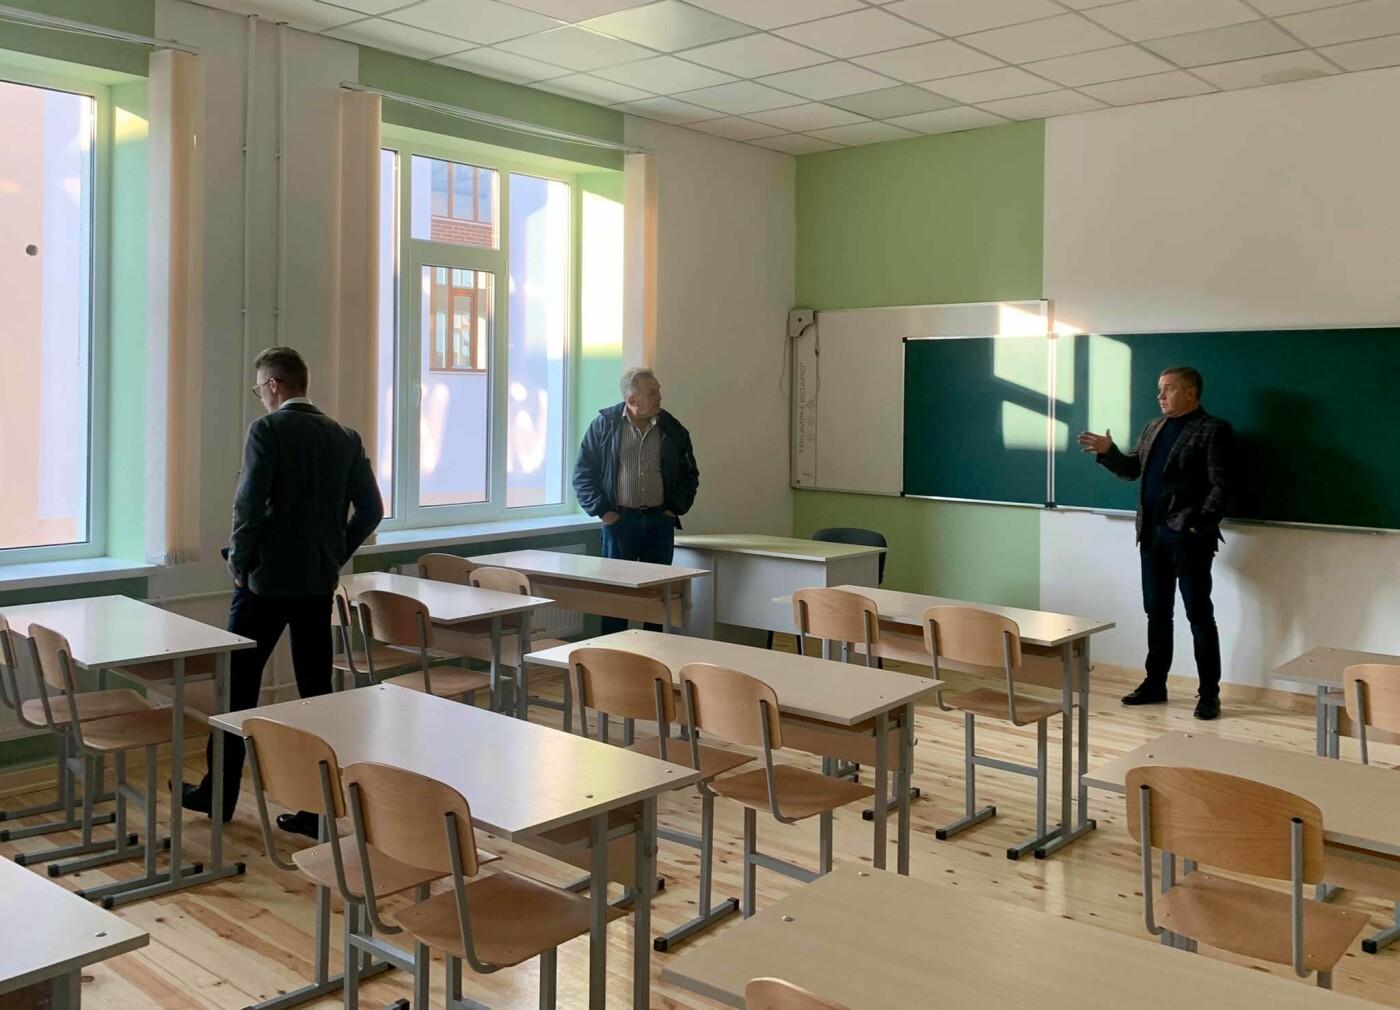 Моніторингова група Мінрегіону проінспектувала будівництво школи на Буковині